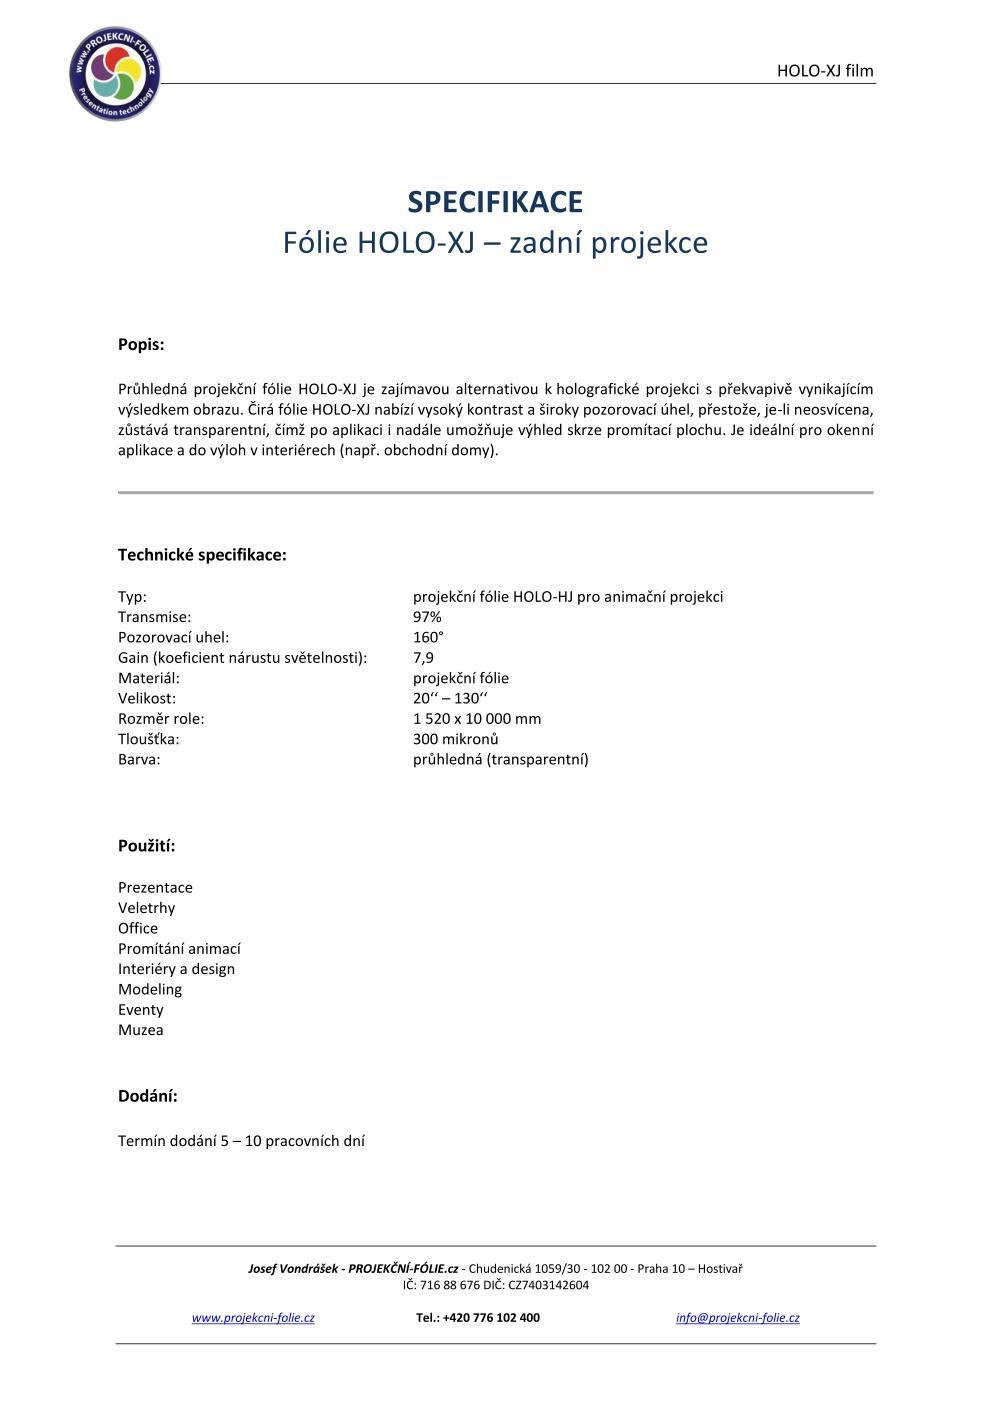 HOLO-XJ - CLEAR - zadní projekce